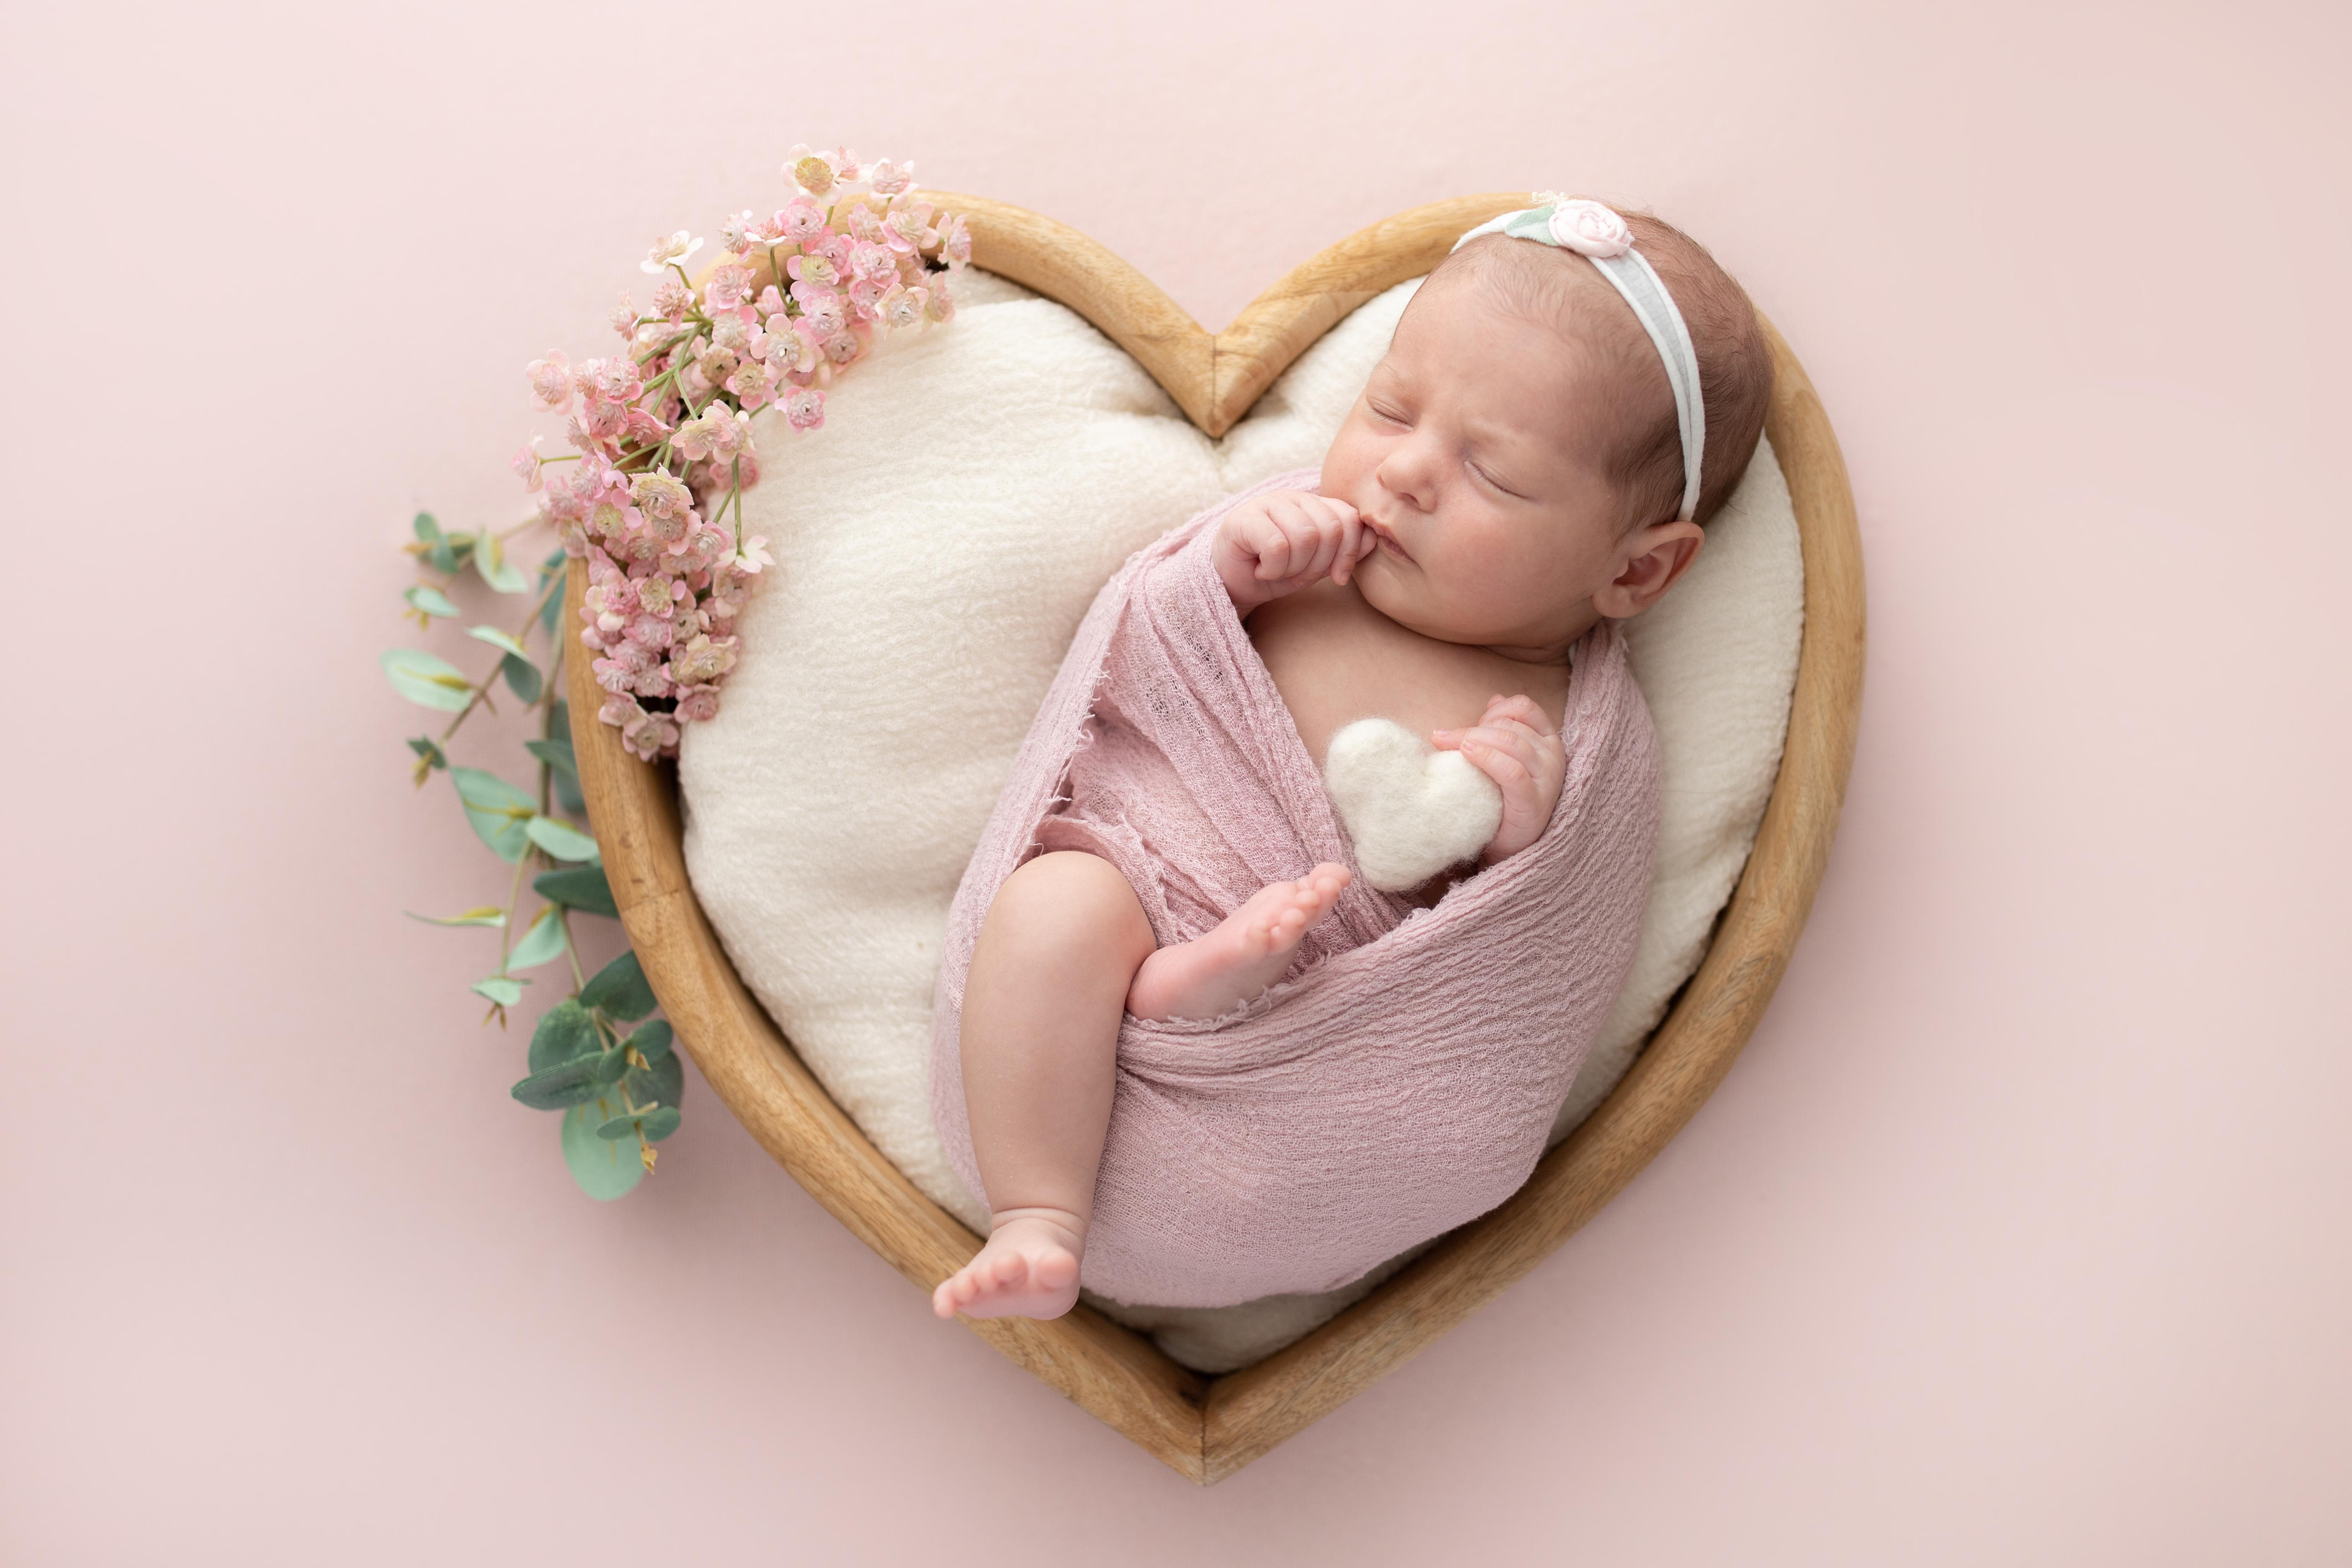 photographe grossesse naissance reims be